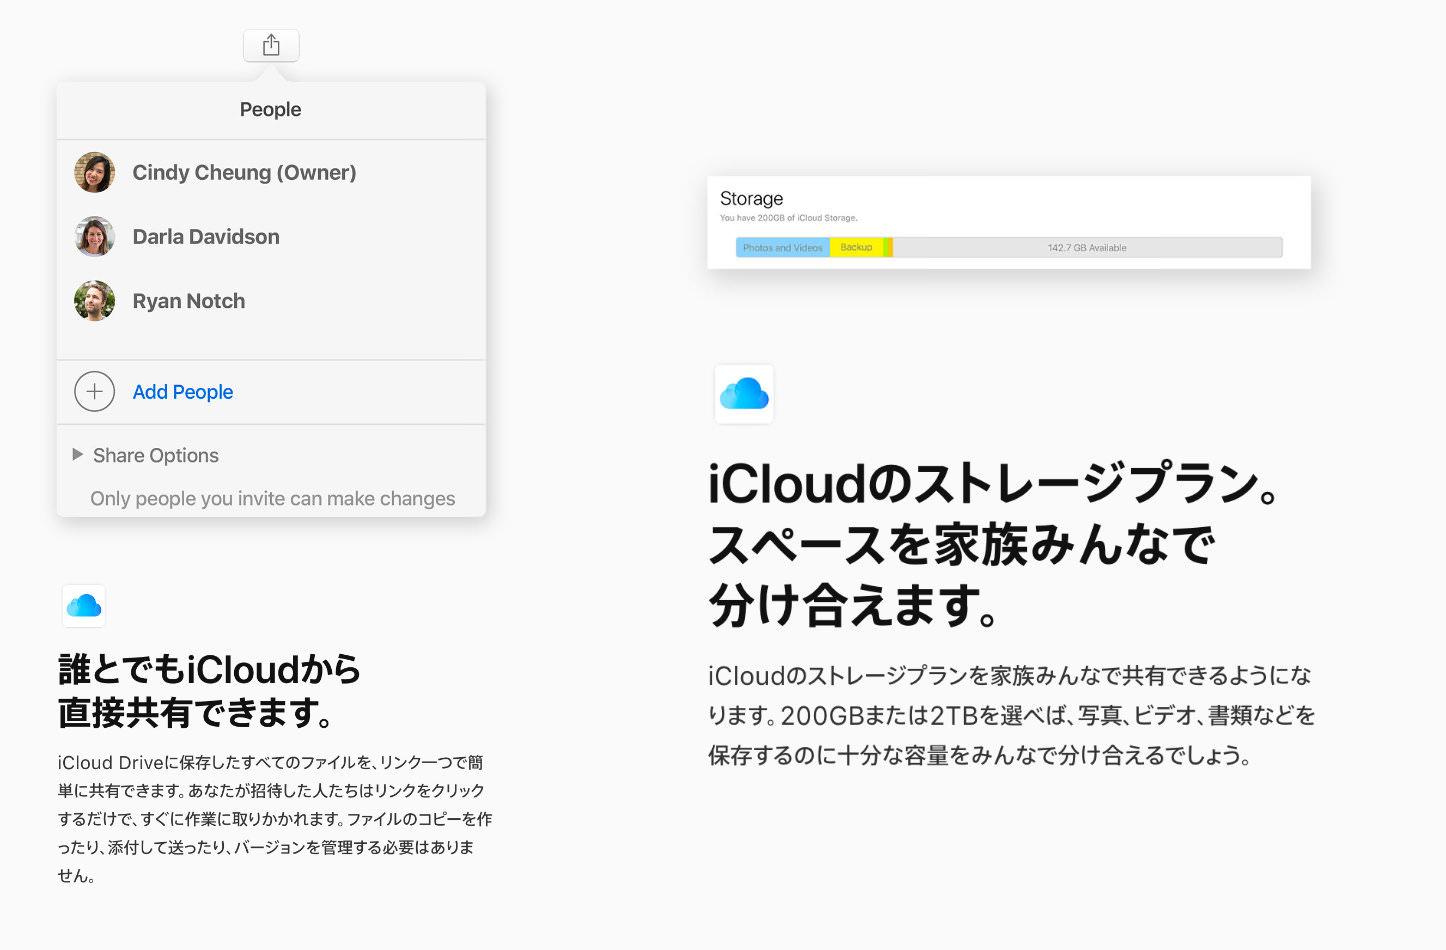 ICloud Famliy Sharing and Sharing Files